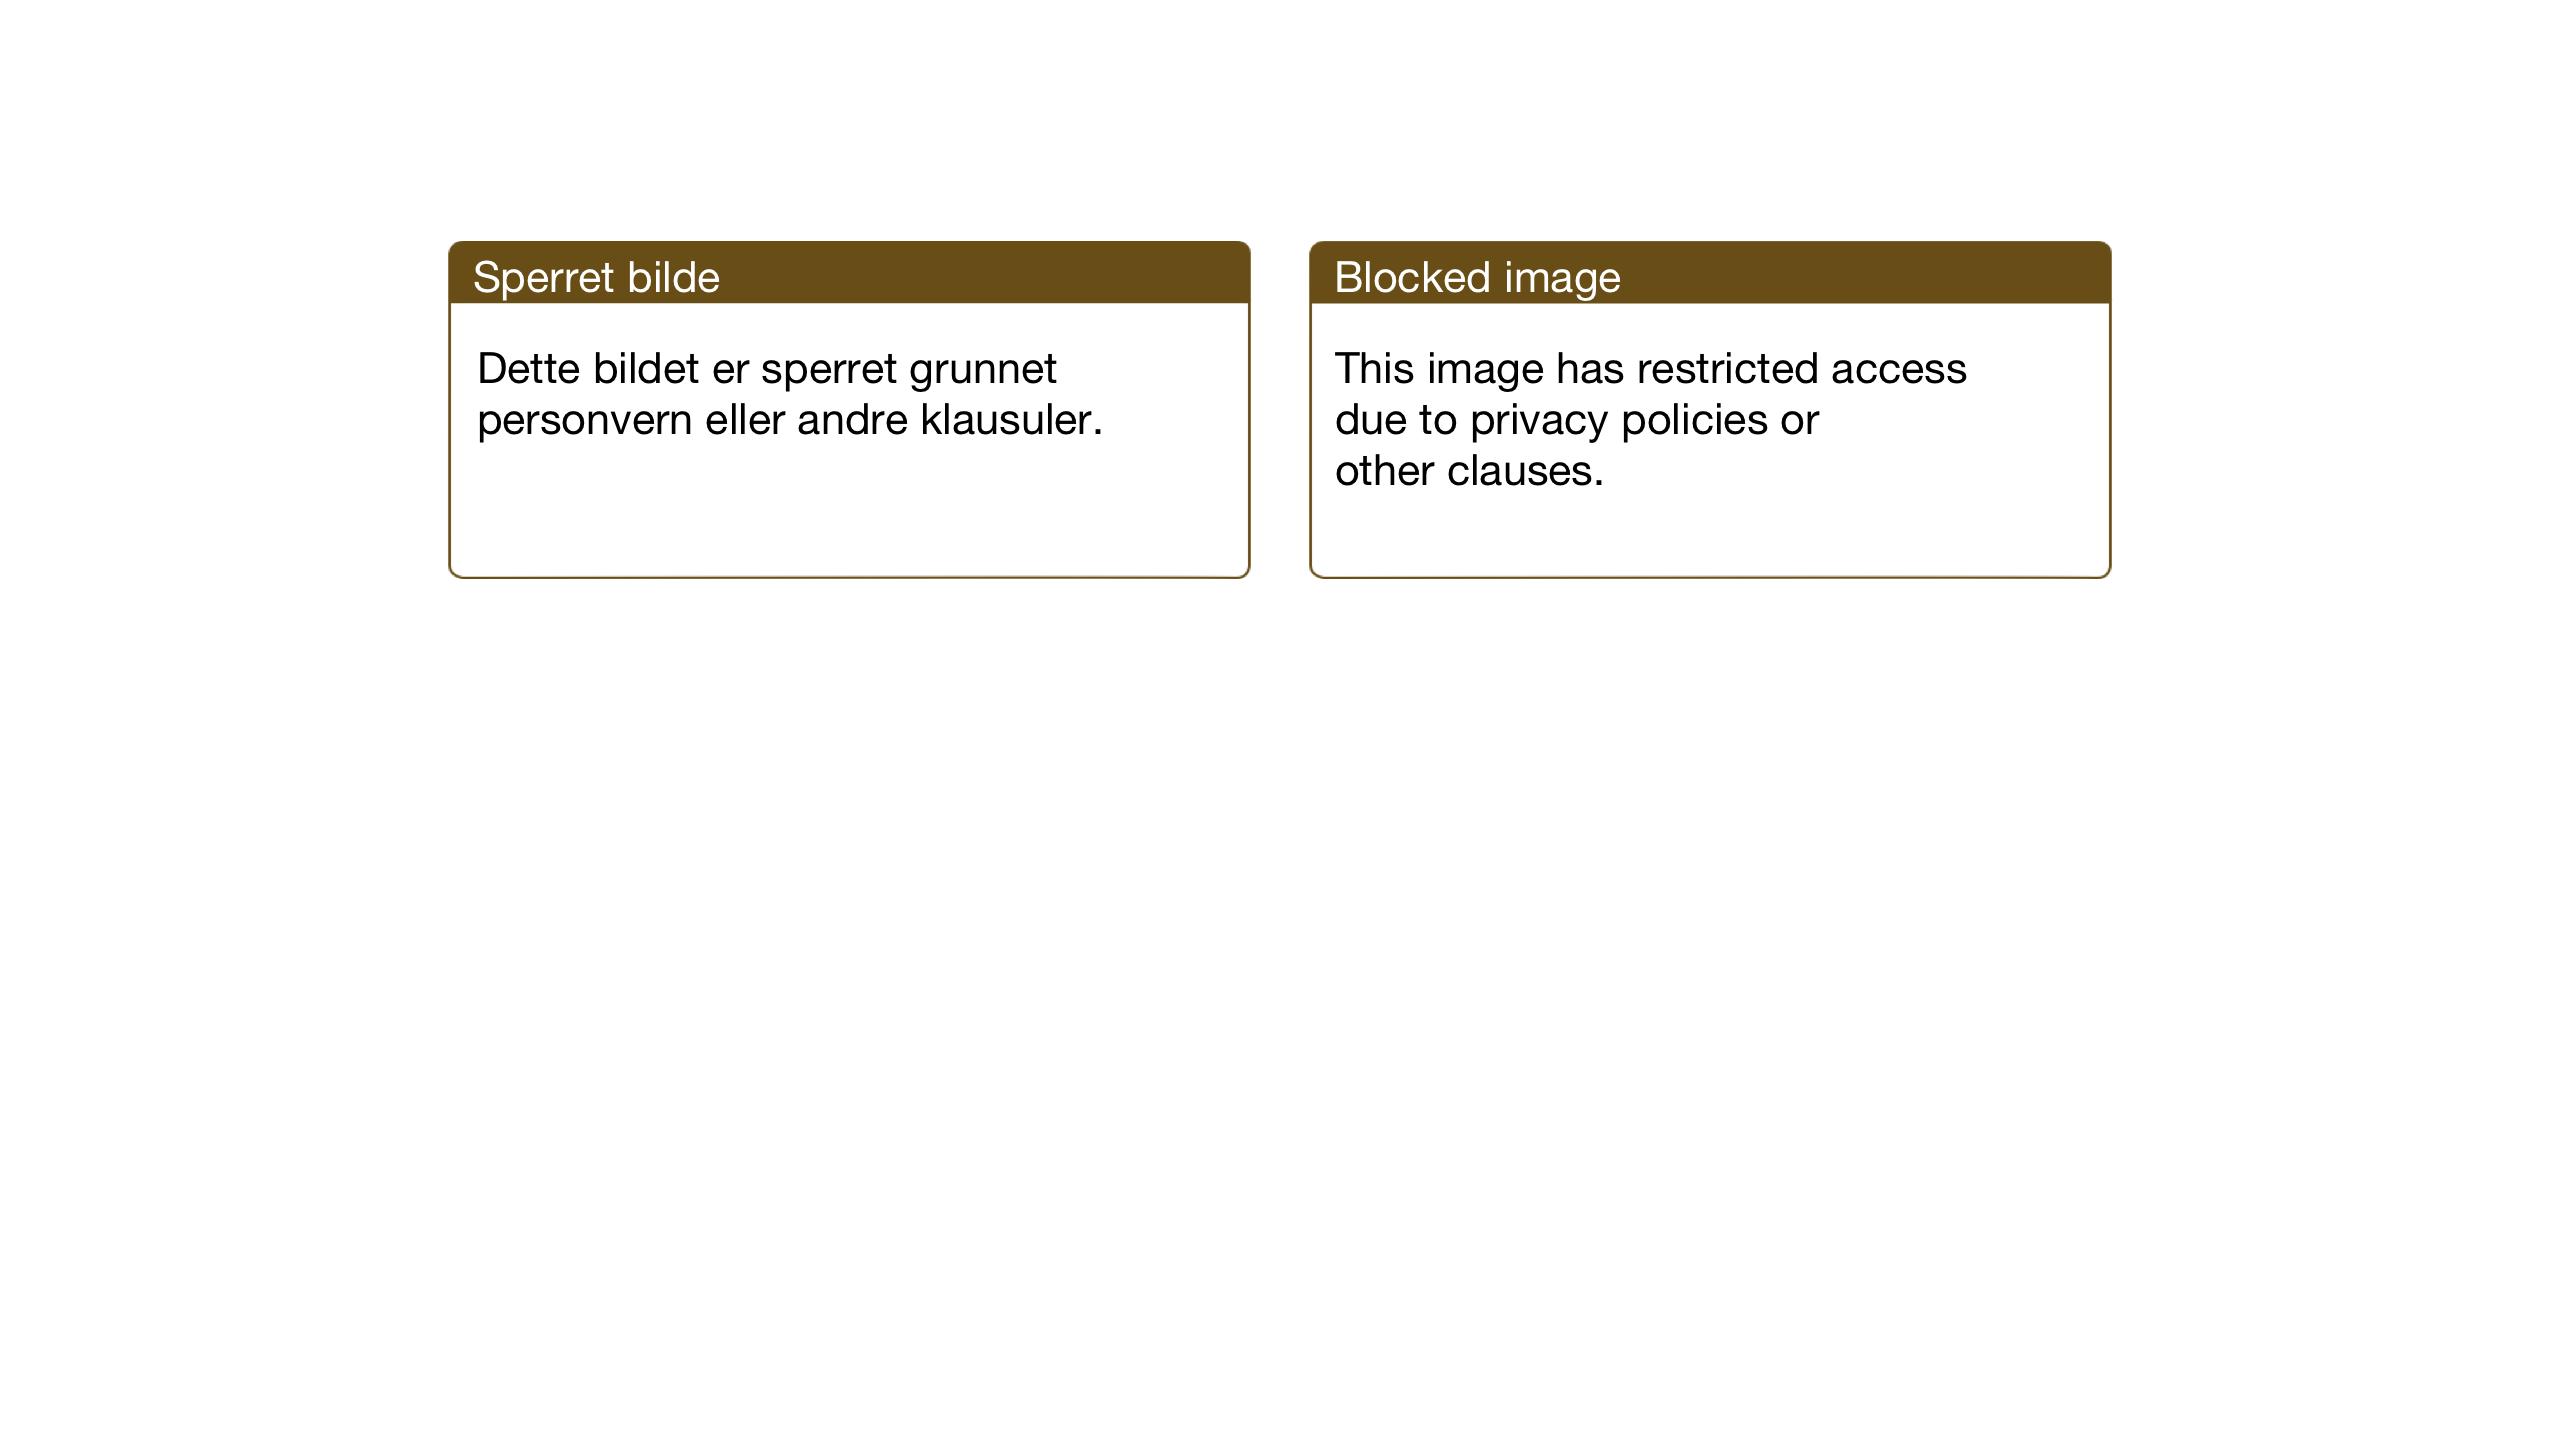 SAT, Ministerialprotokoller, klokkerbøker og fødselsregistre - Sør-Trøndelag, 681/L0944: Klokkerbok nr. 681C08, 1926-1954, s. 46